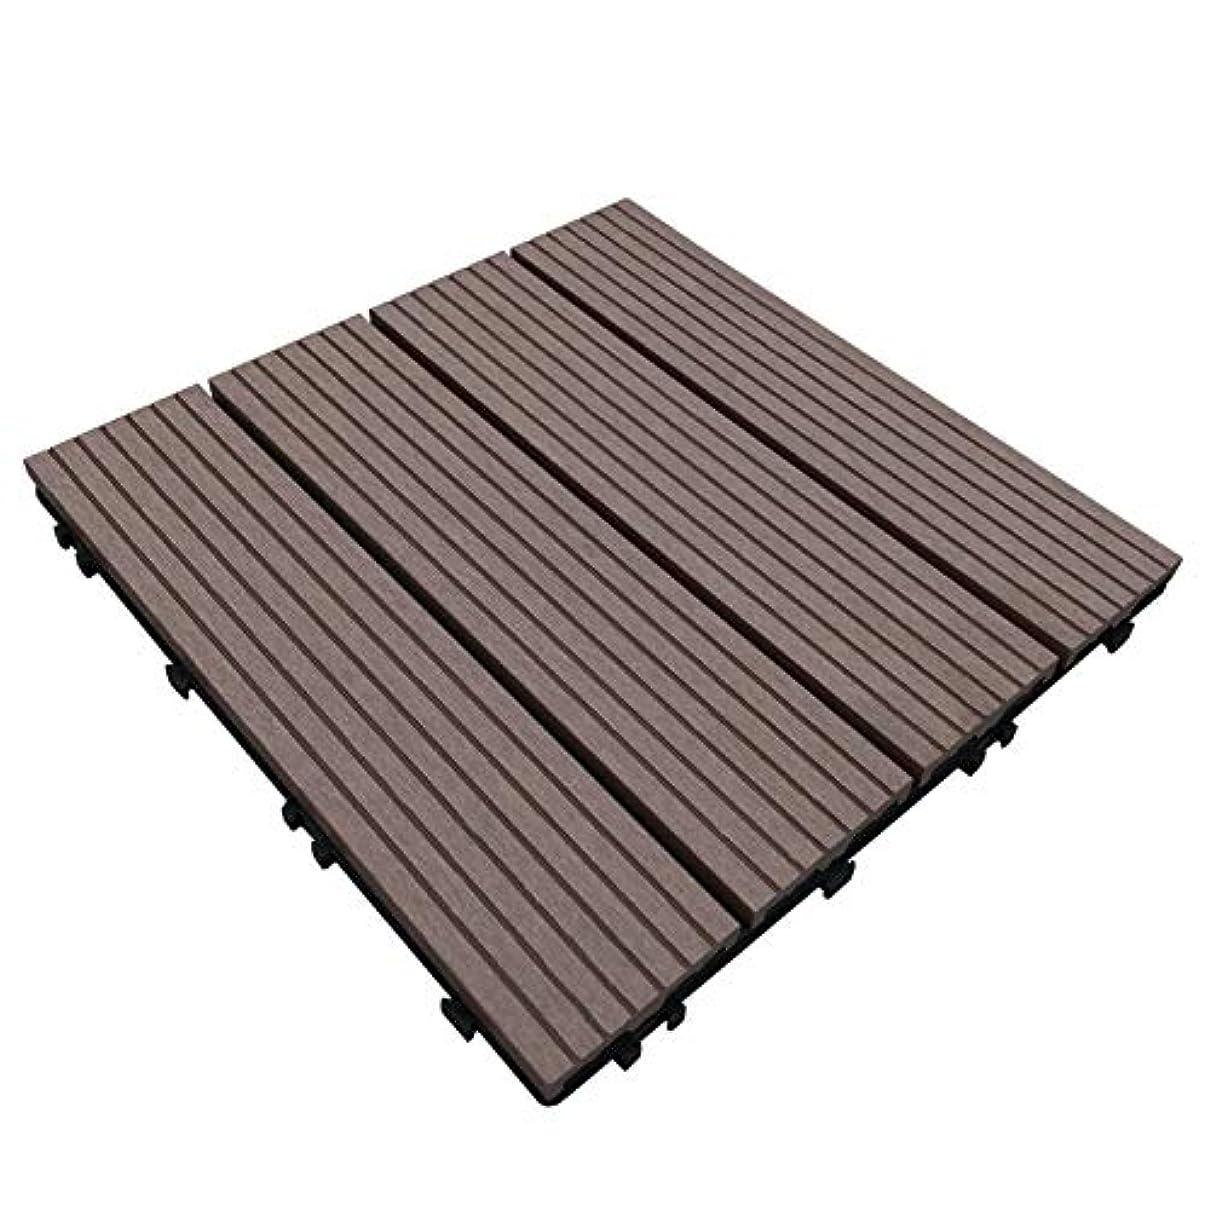 ウッドパネル ウッドタイル ウッドデッキ 人工木 20枚セット (2019年8月22日仕様変更) 樹脂 ベランダタイル 木製タイル (タイプB?ダークブラウン)